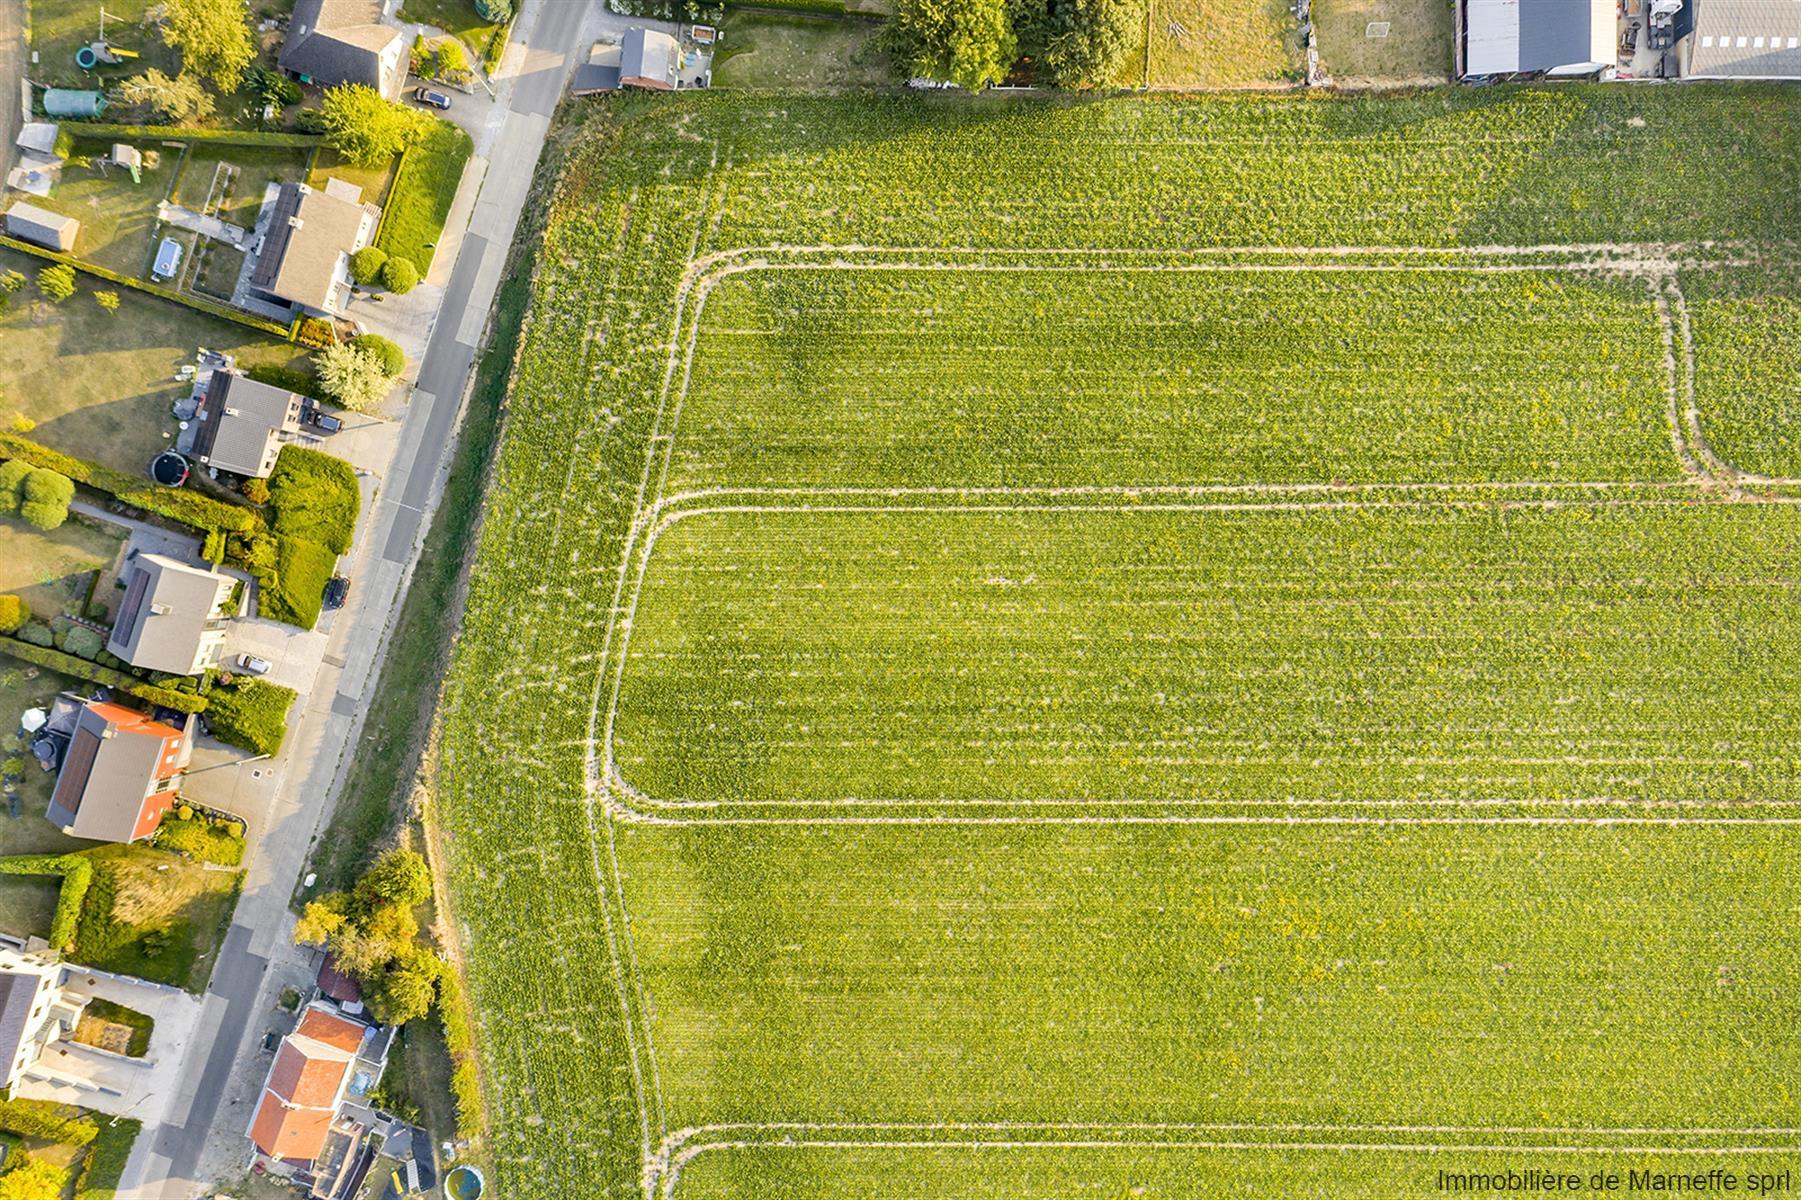 Terrain à bâtir - Berloz - #4163528-24